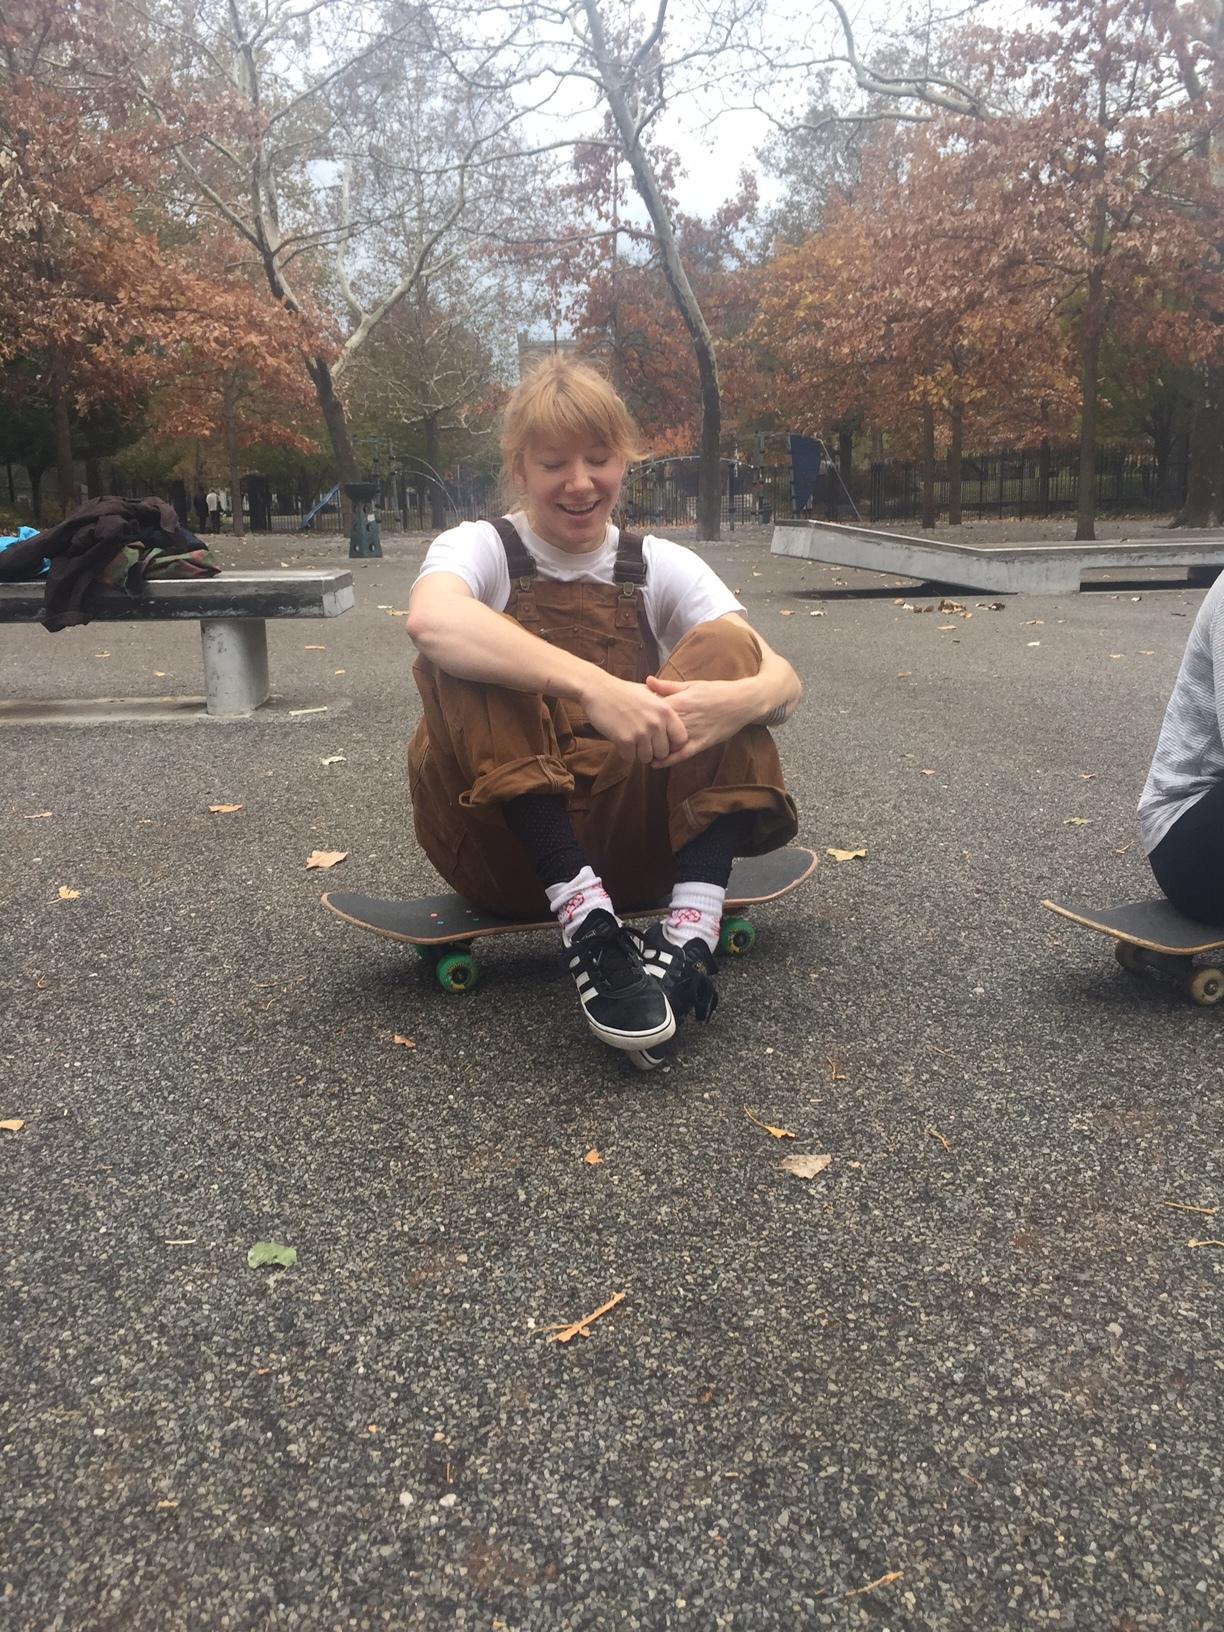 Skate crew is a go. Wassup, Helen!? Kickin it @ Brower Park in Crown Heights, BK.